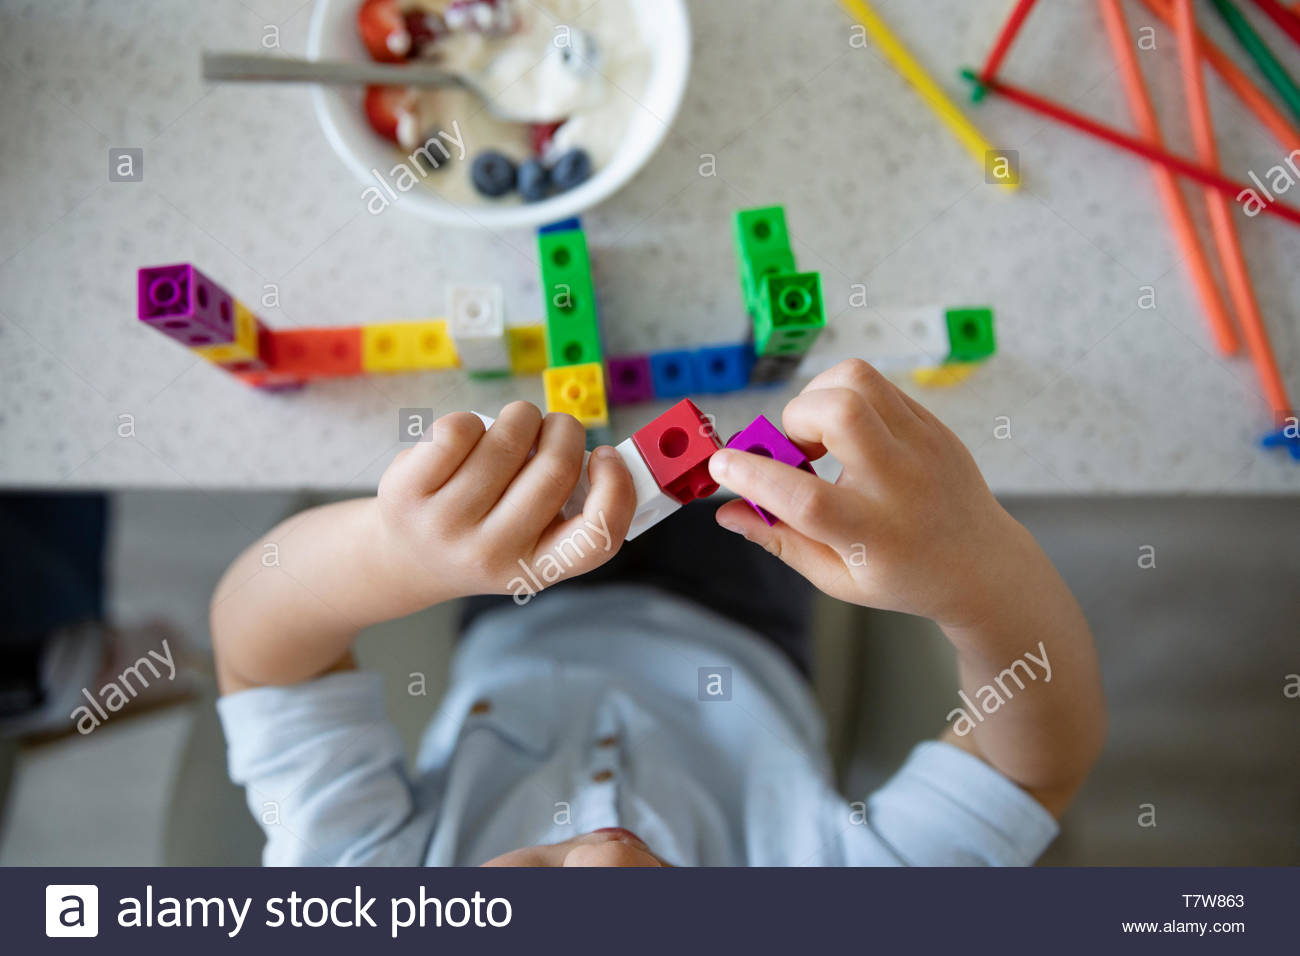 Vista desde arriba niño jugando con bloques de plástico Imagen De Stock